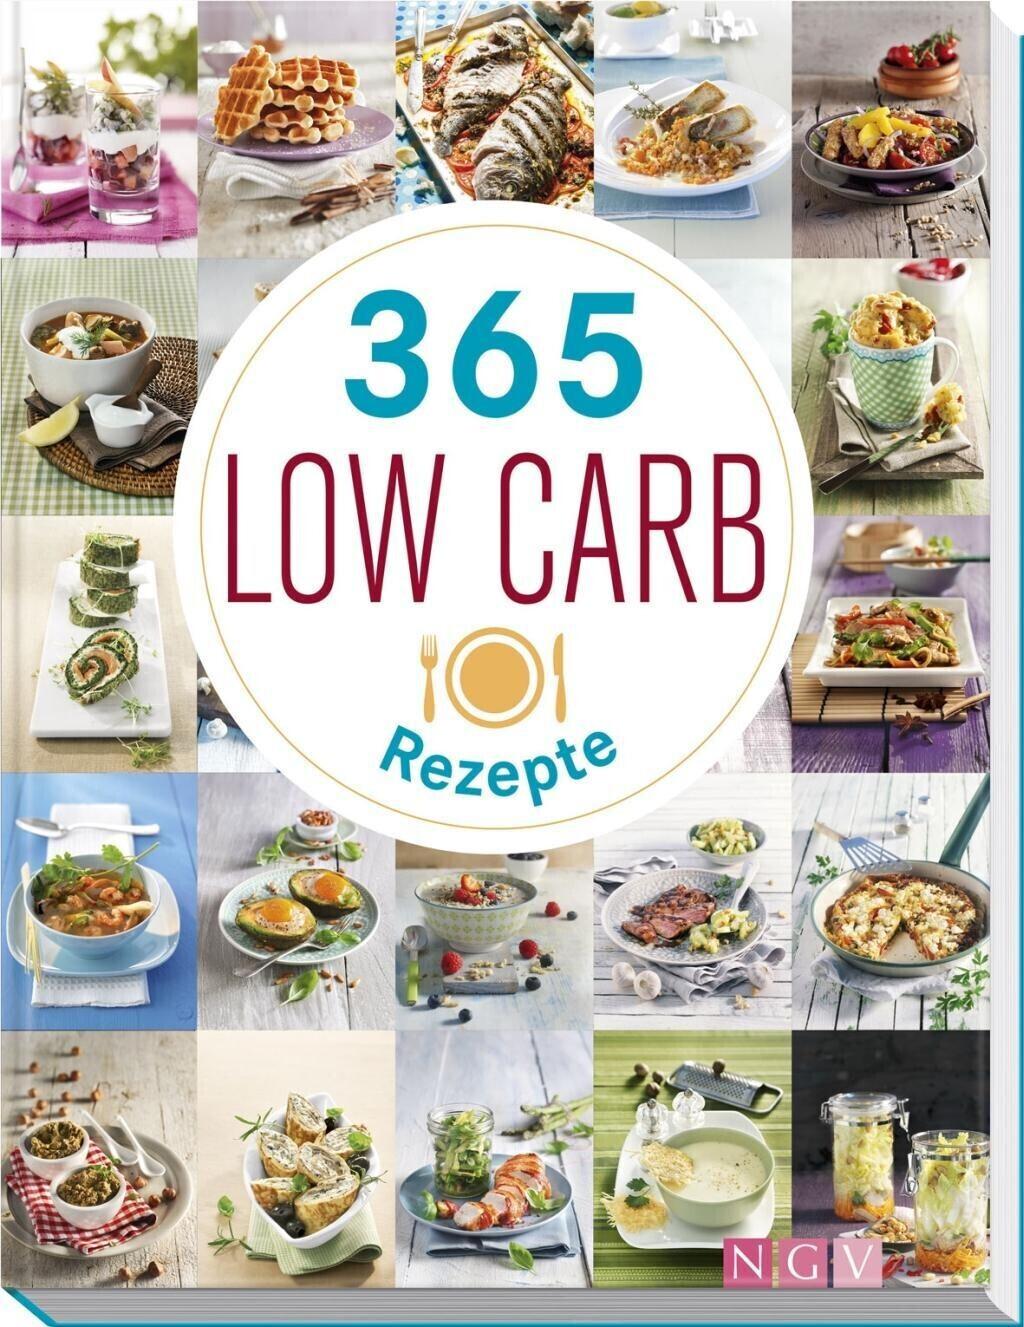 365 Low-Carb-Rezepte365 Low-Carb-Rezepte365 Low-Carb-Rezeptemehr 365 Low-Carb-Rezepte Low Carb Rezepte für ein ganzes  Jahr [gebundene Ausgabe]